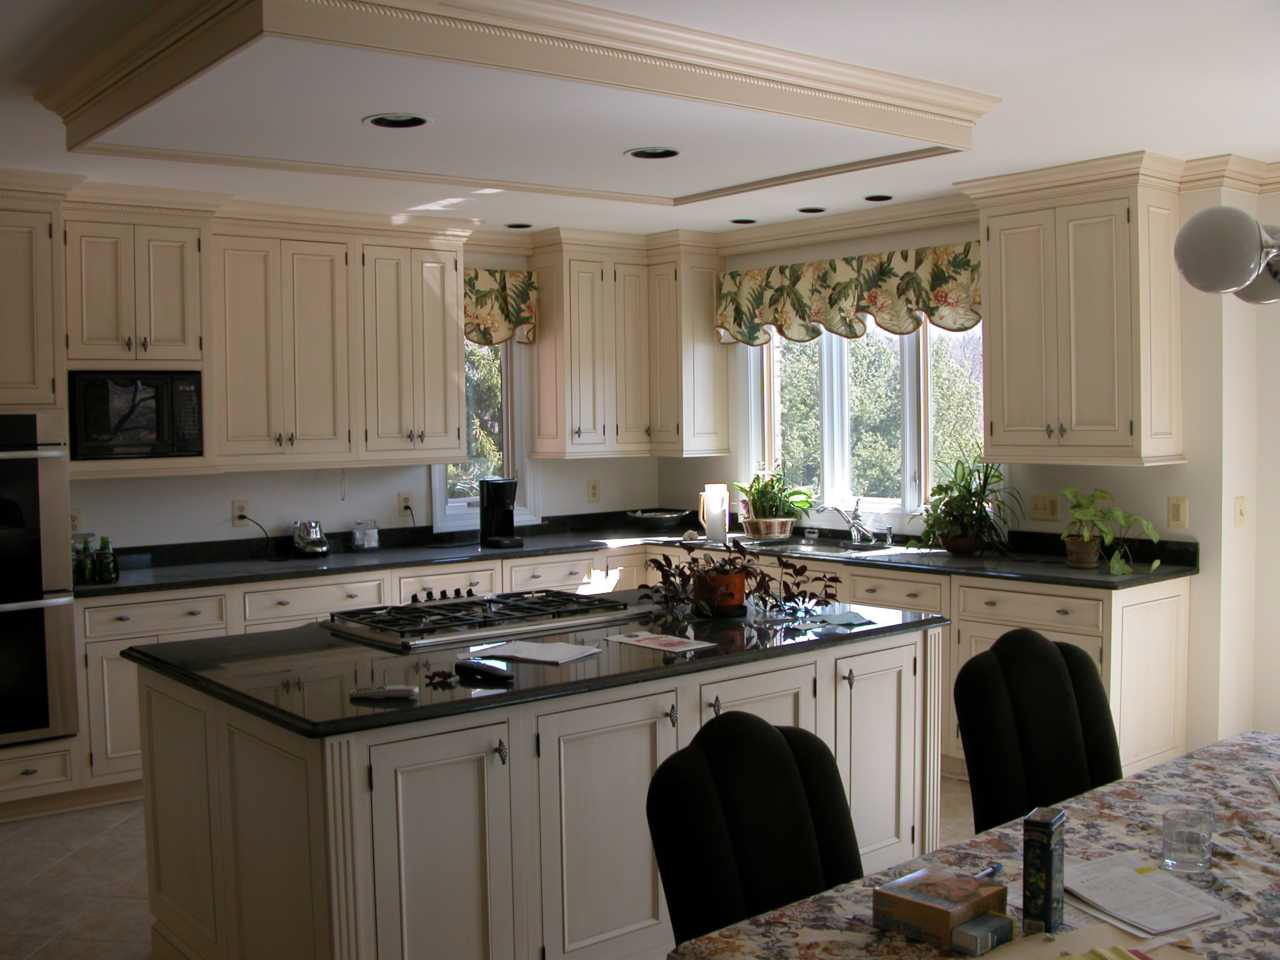 Kitchen Remodeling Rockville, MD - Bradley Construction Inc.